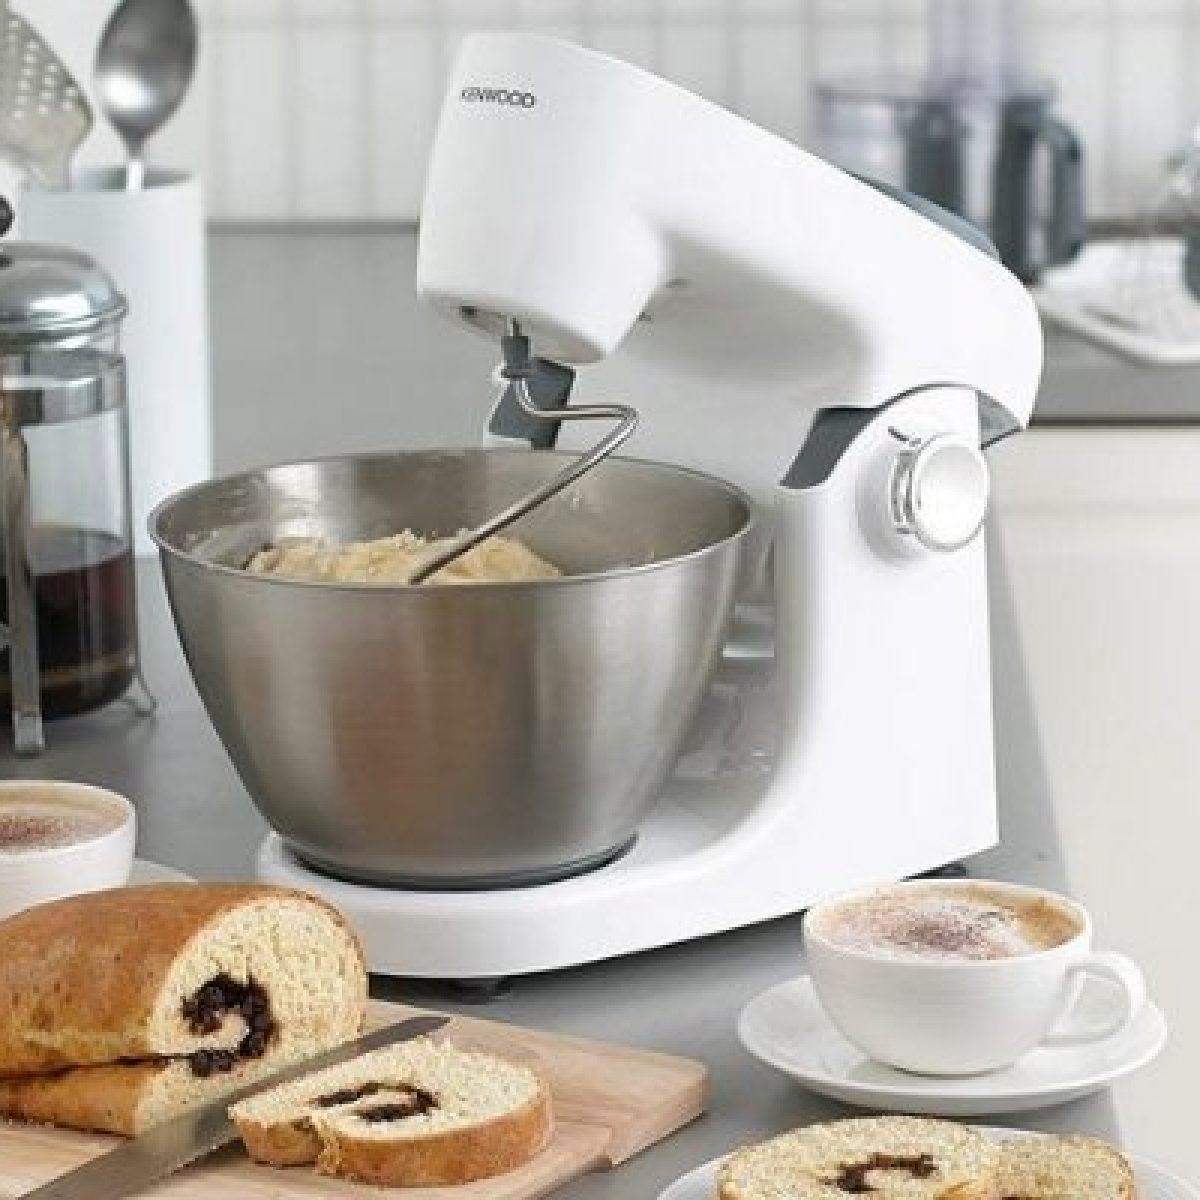 Robot da cucina o planetaria, quale scegliere? Le differenze